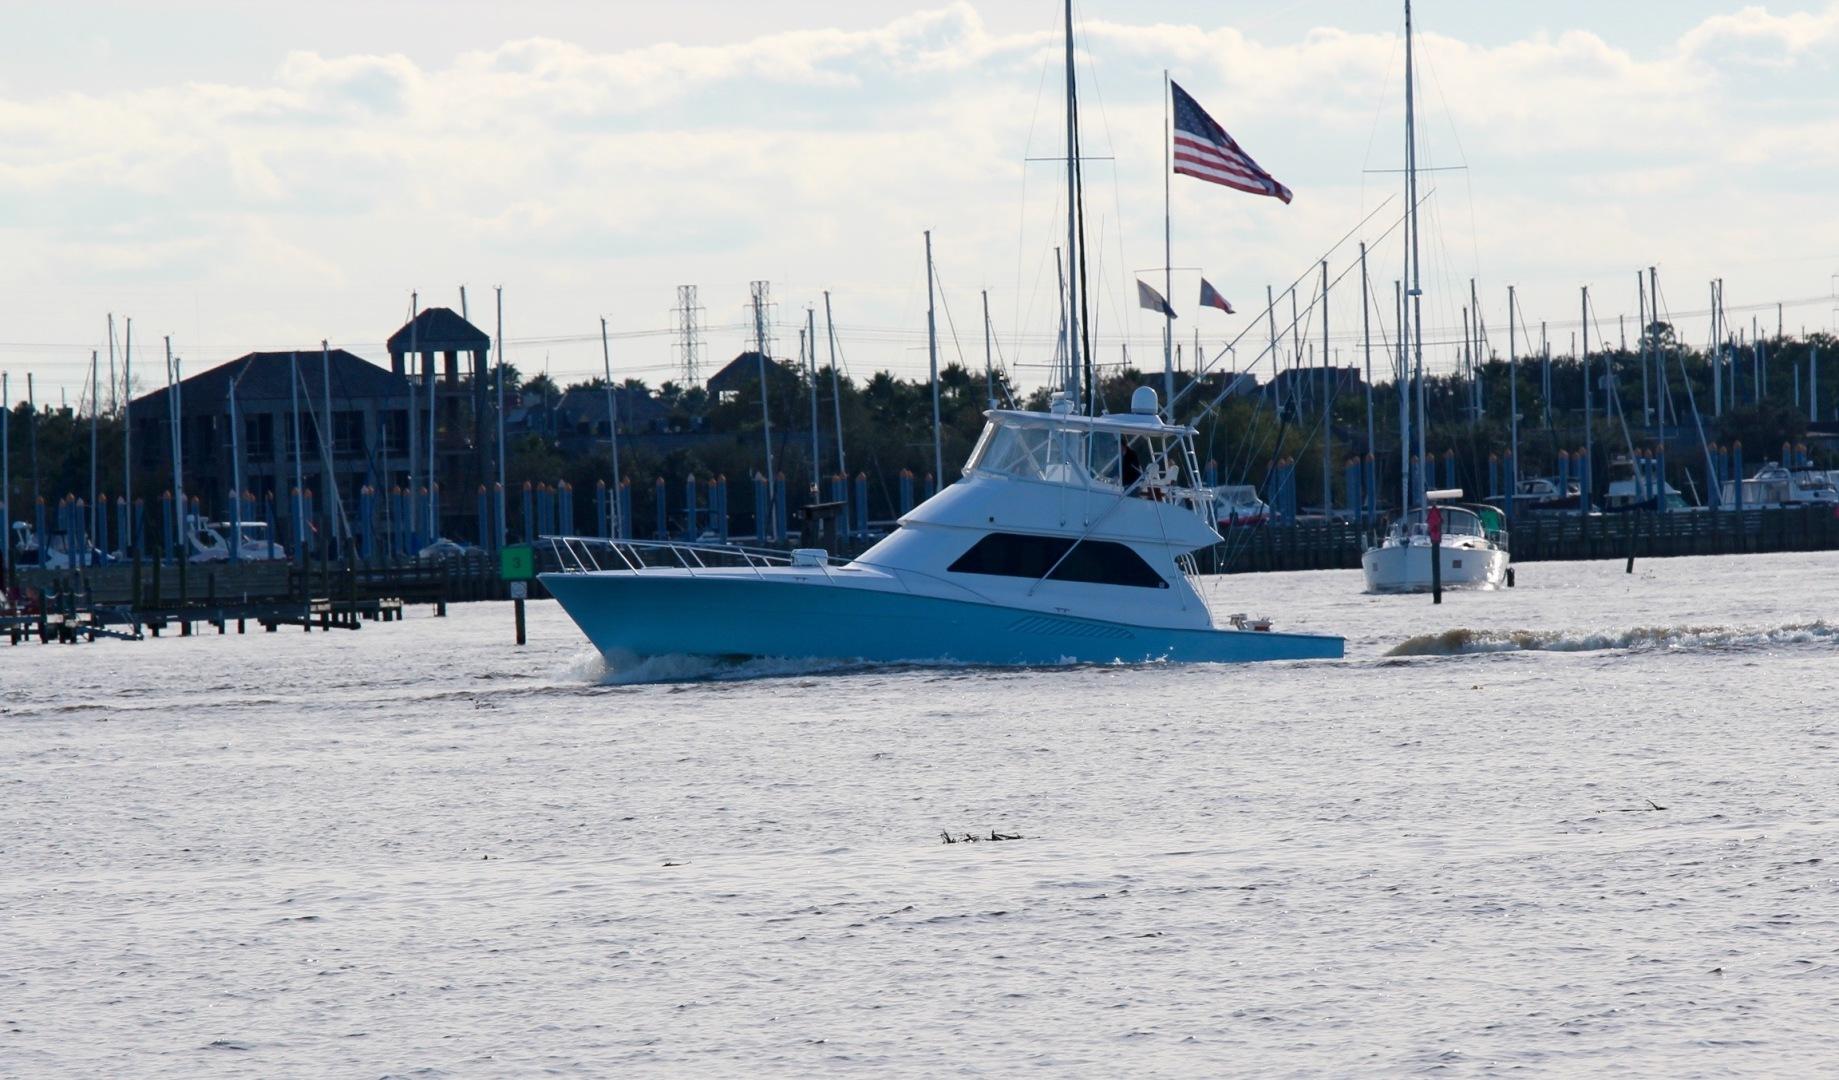 Viking-50 Convertible 2000-Knotcho Grande Seabrook-Texas-United States-Viking Convertible 2000 Knotcho Grande-1266665   Thumbnail